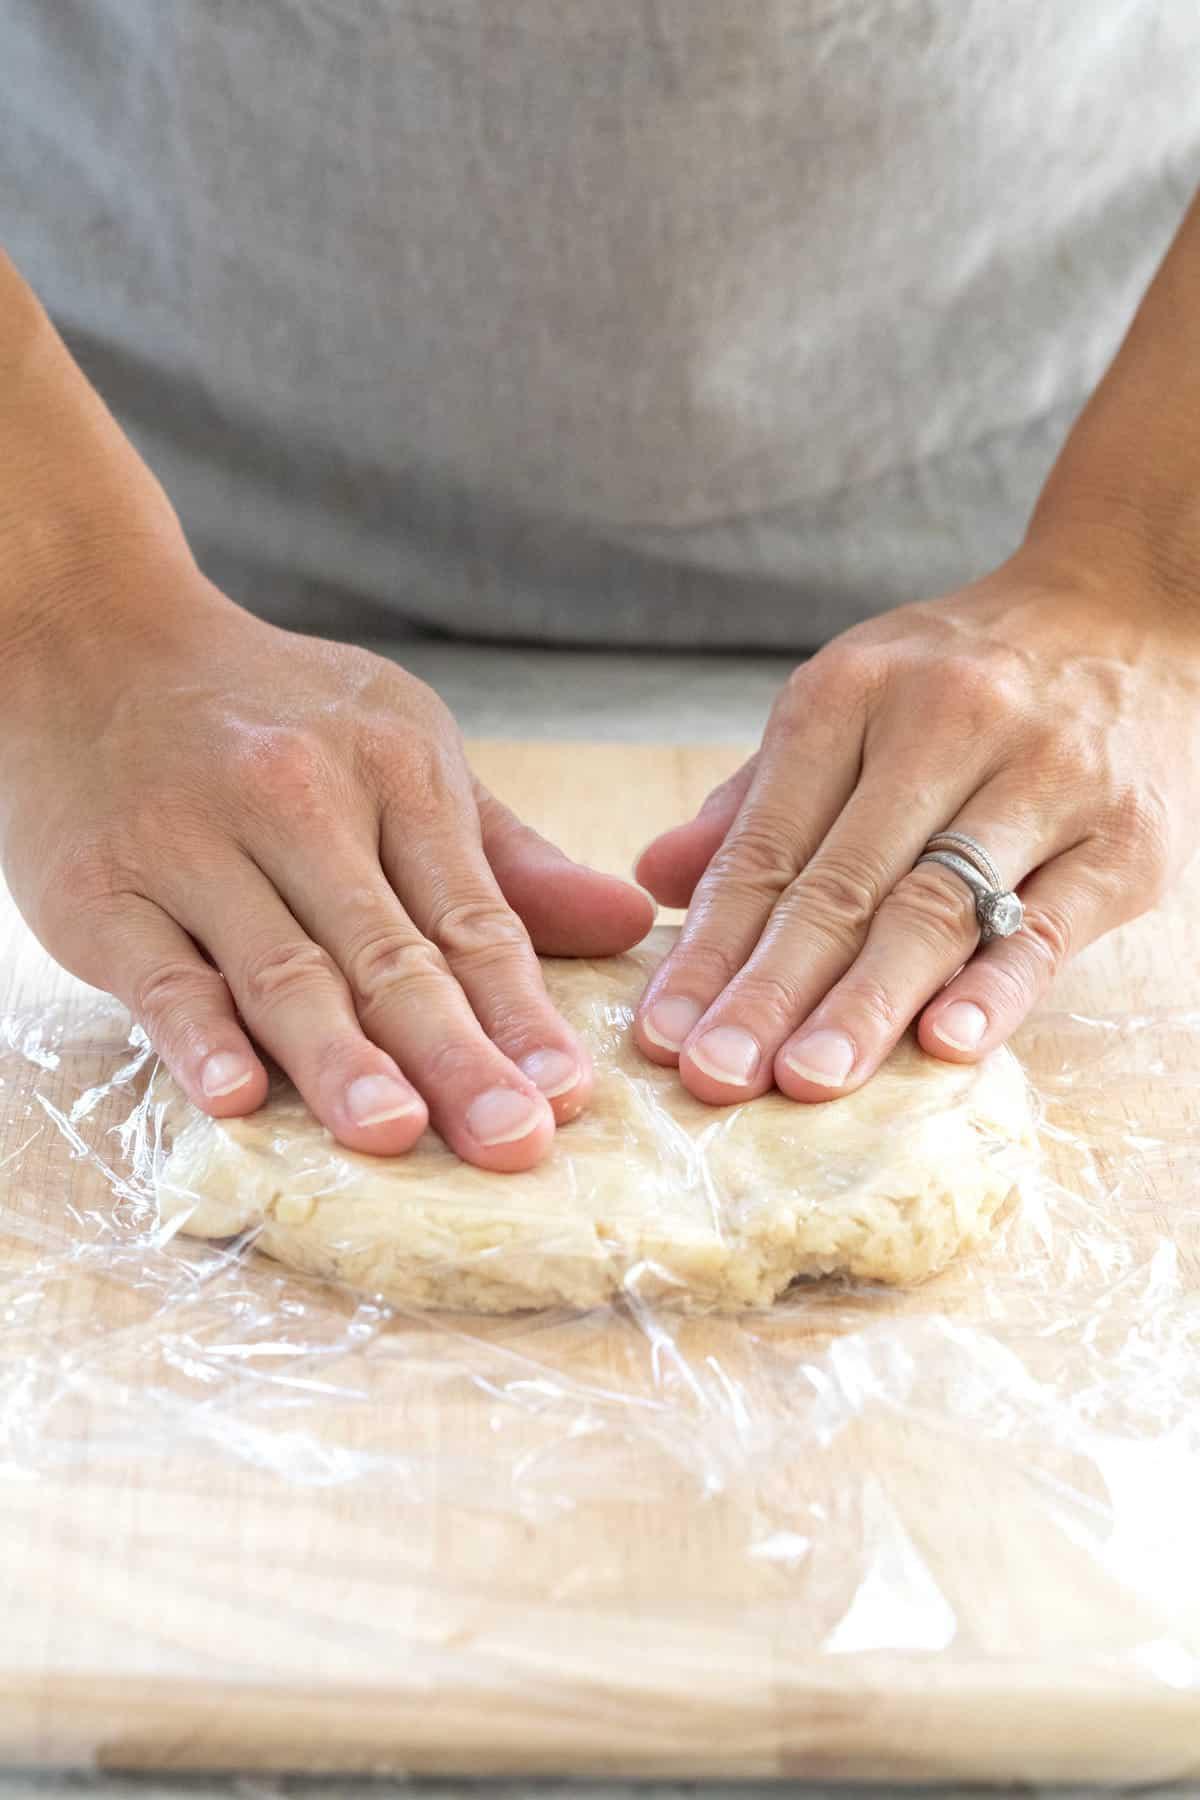 Flattening dough on a wooden board